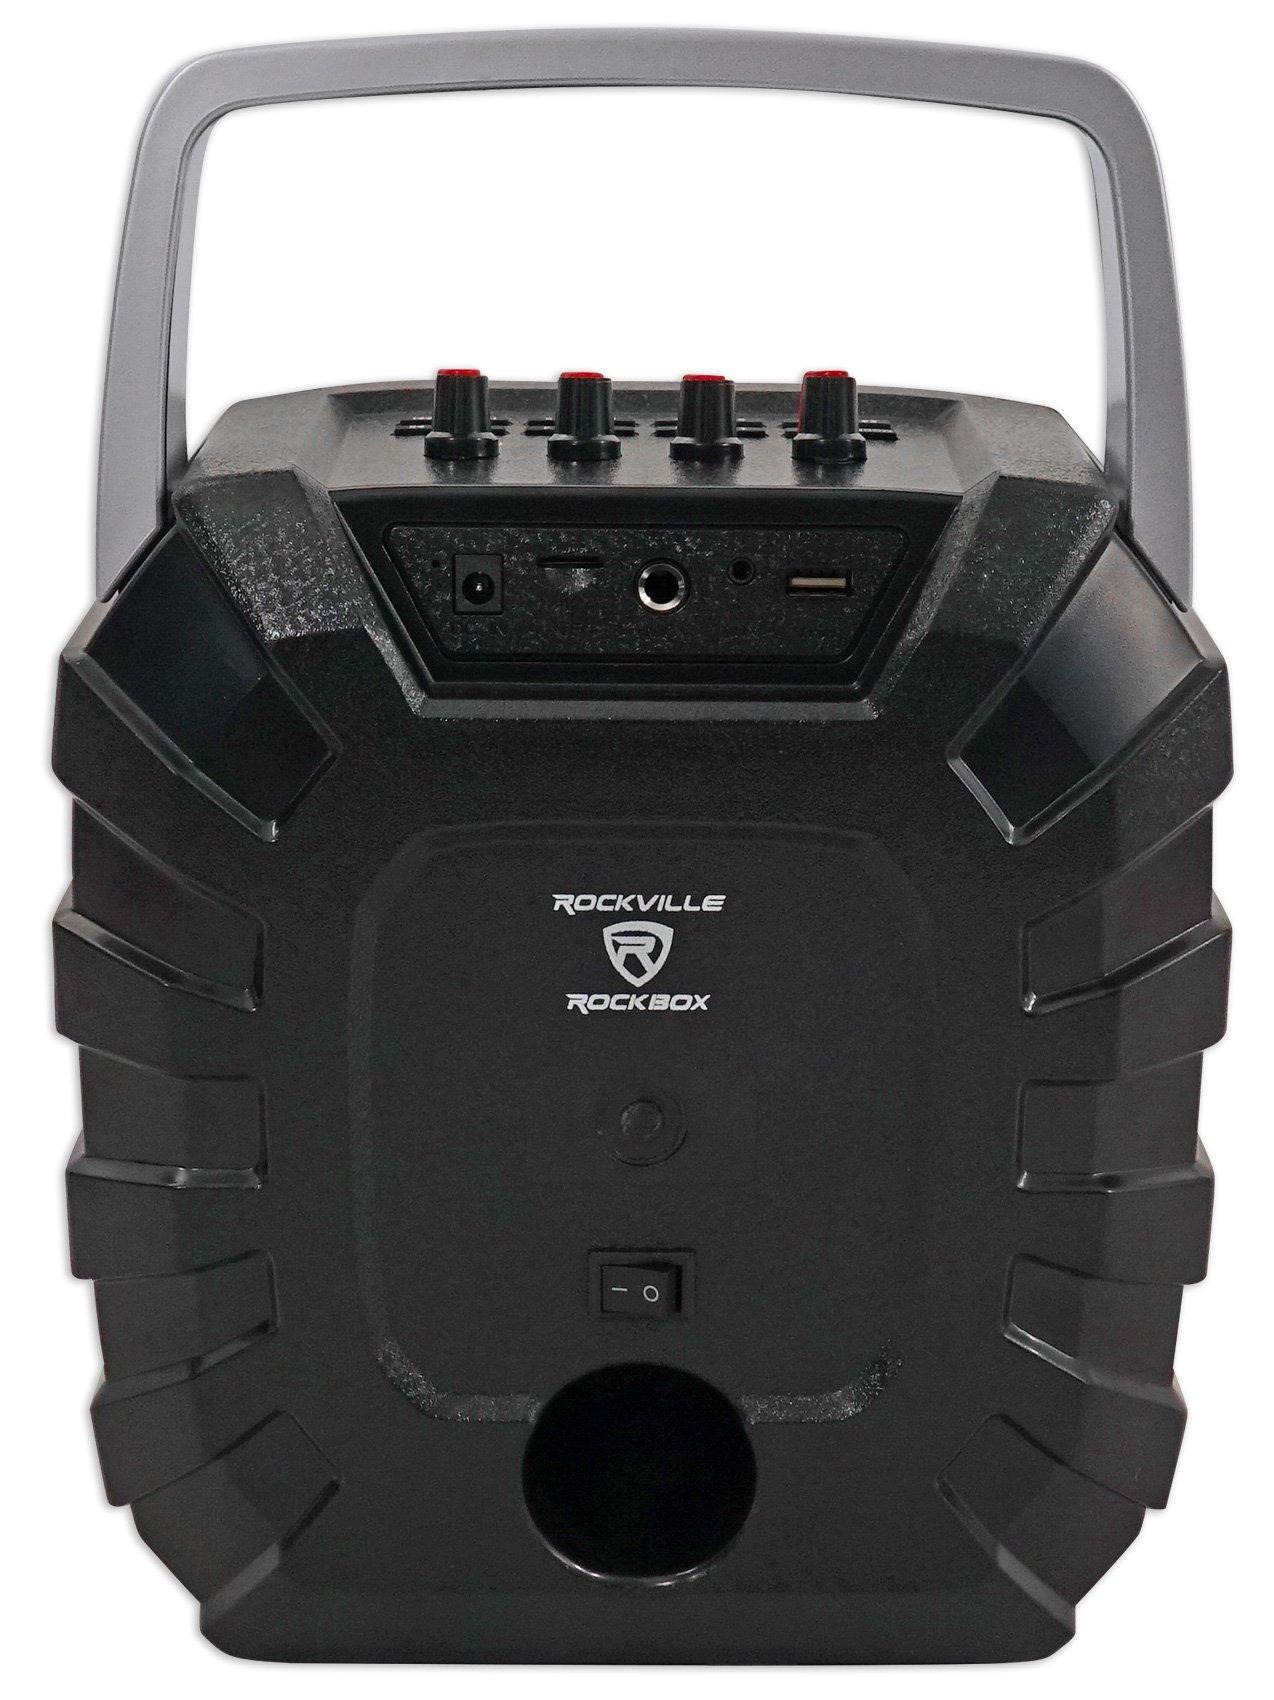 Rockville ROCKBOX 6.5'' 100 Watt Portable Rechargable Bluetooth Speaker w USB/SD by Rockville (Image #6)